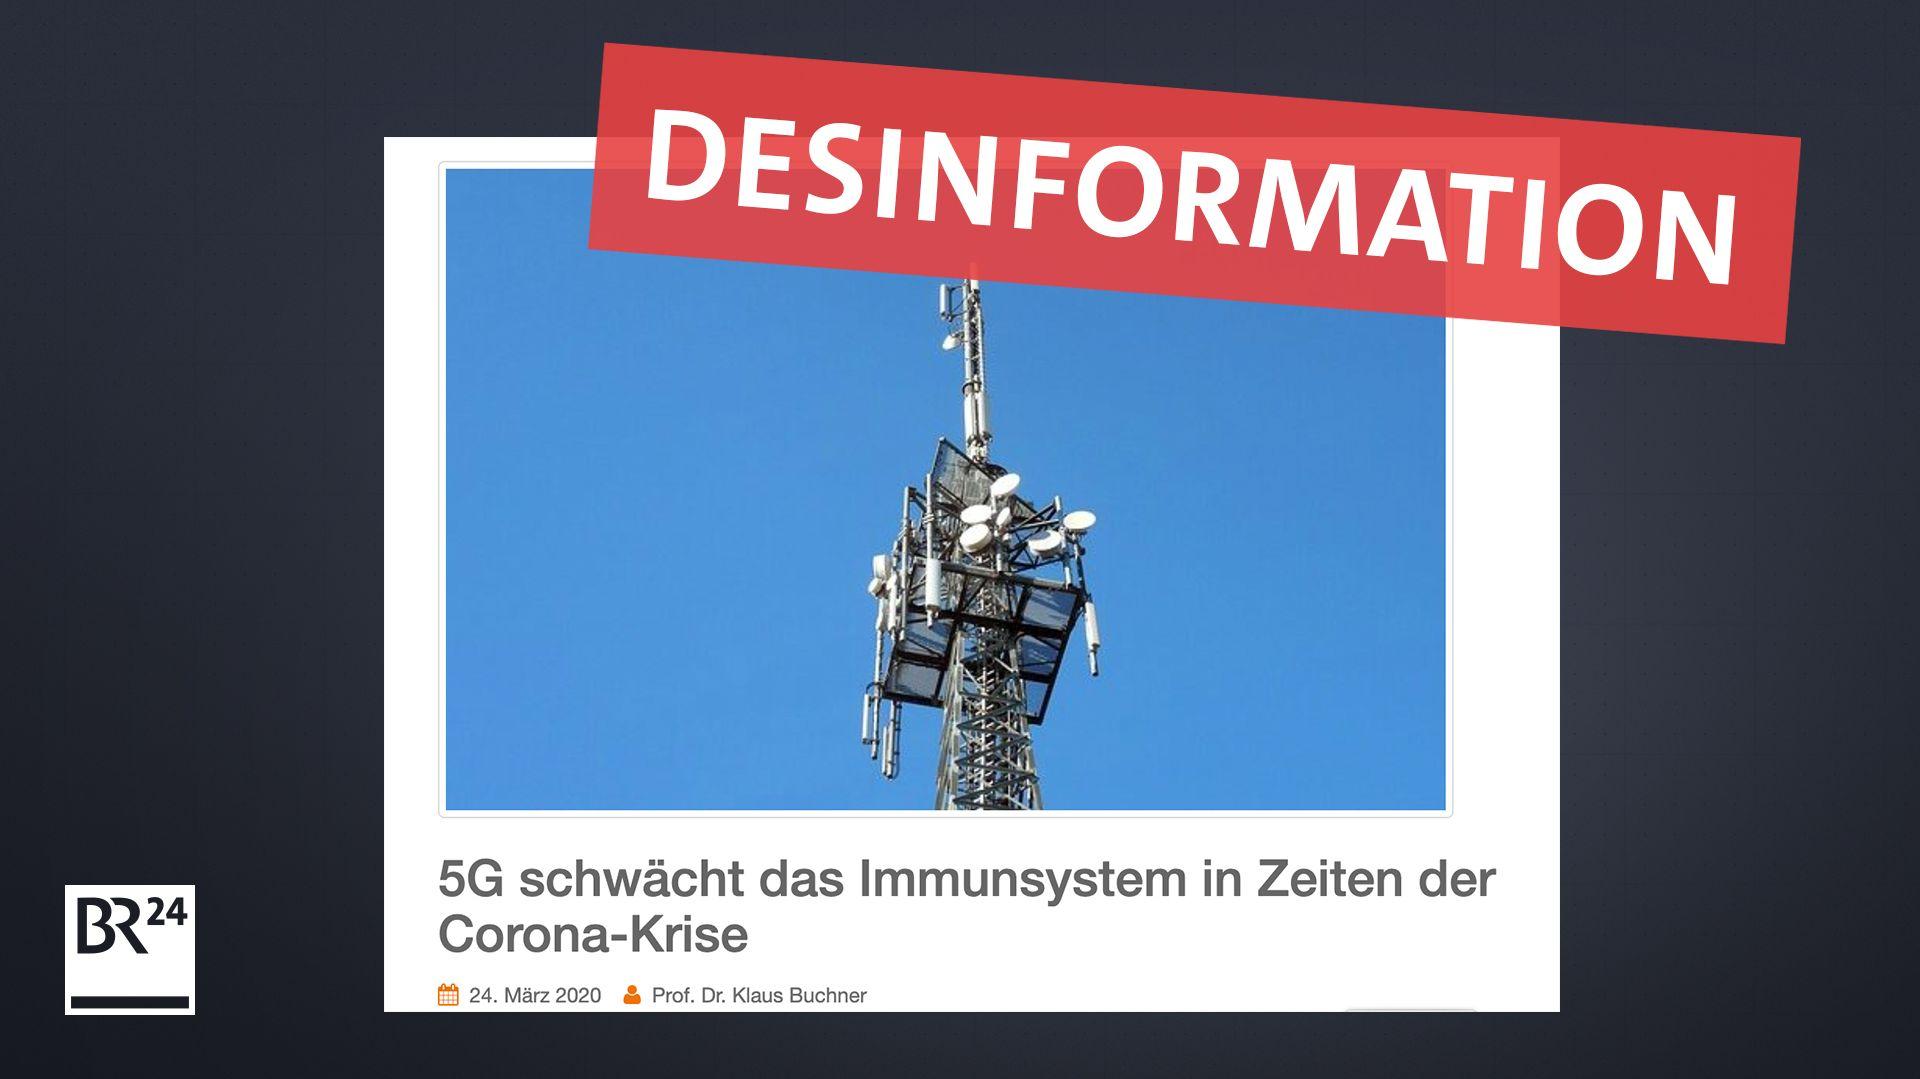 ÖDP-Europaabgeordneter verbreitet Desinformation zu 5G und Corona